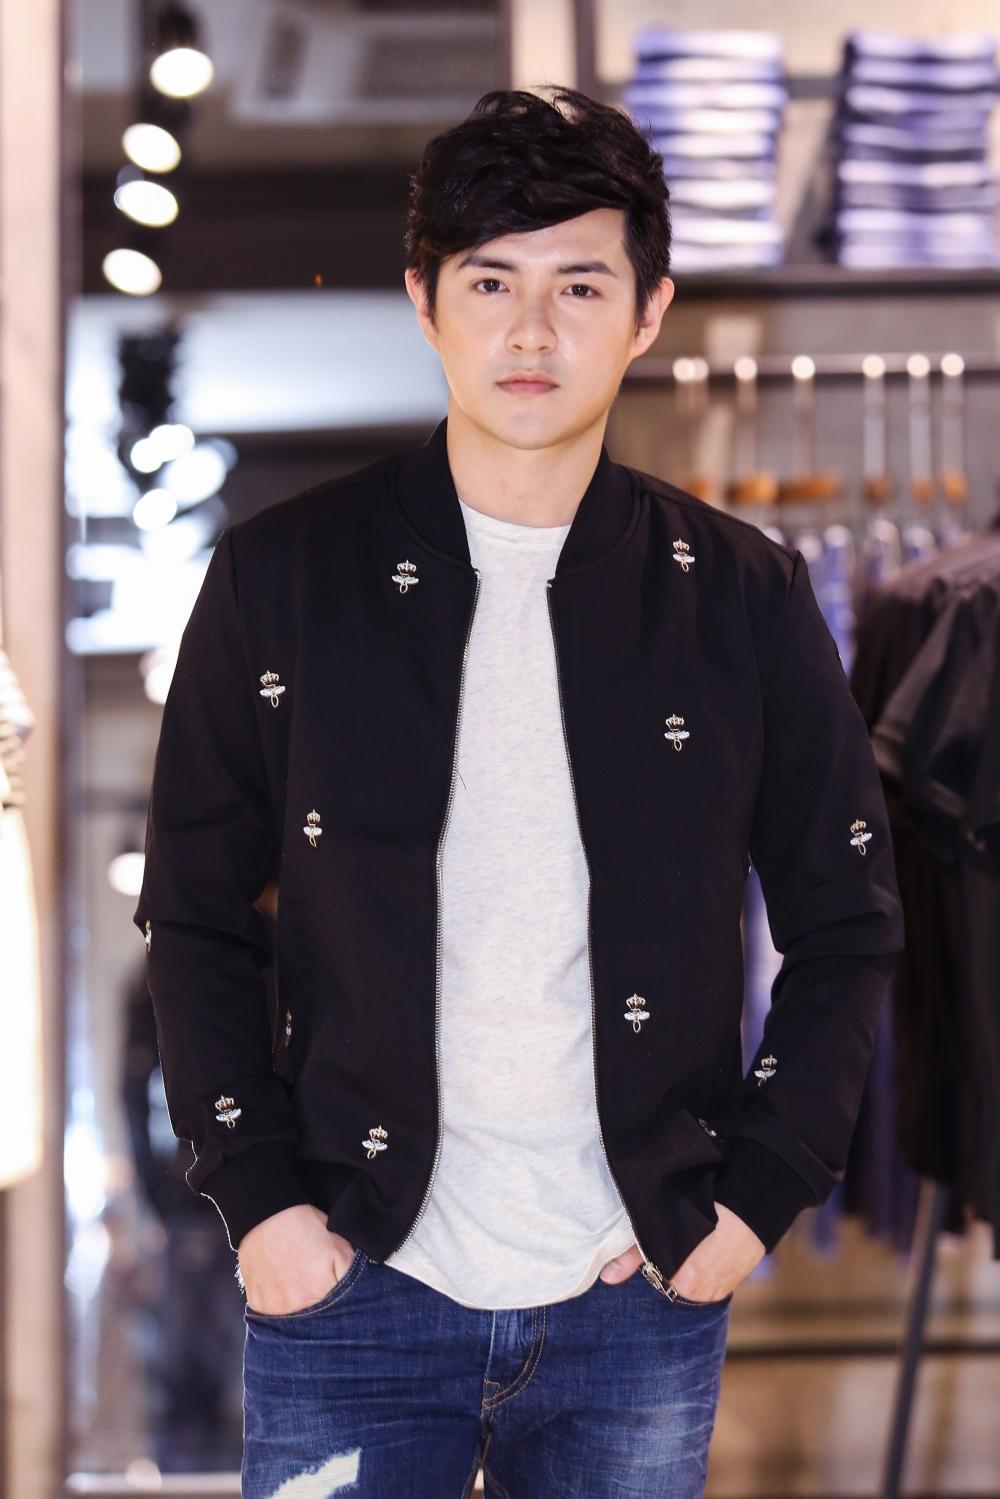 Bận rộn cho liveshow, Đông Nhi vẫn tranh thủ đưa Ông Cao Thắng đi mua sắm - Ảnh 7.